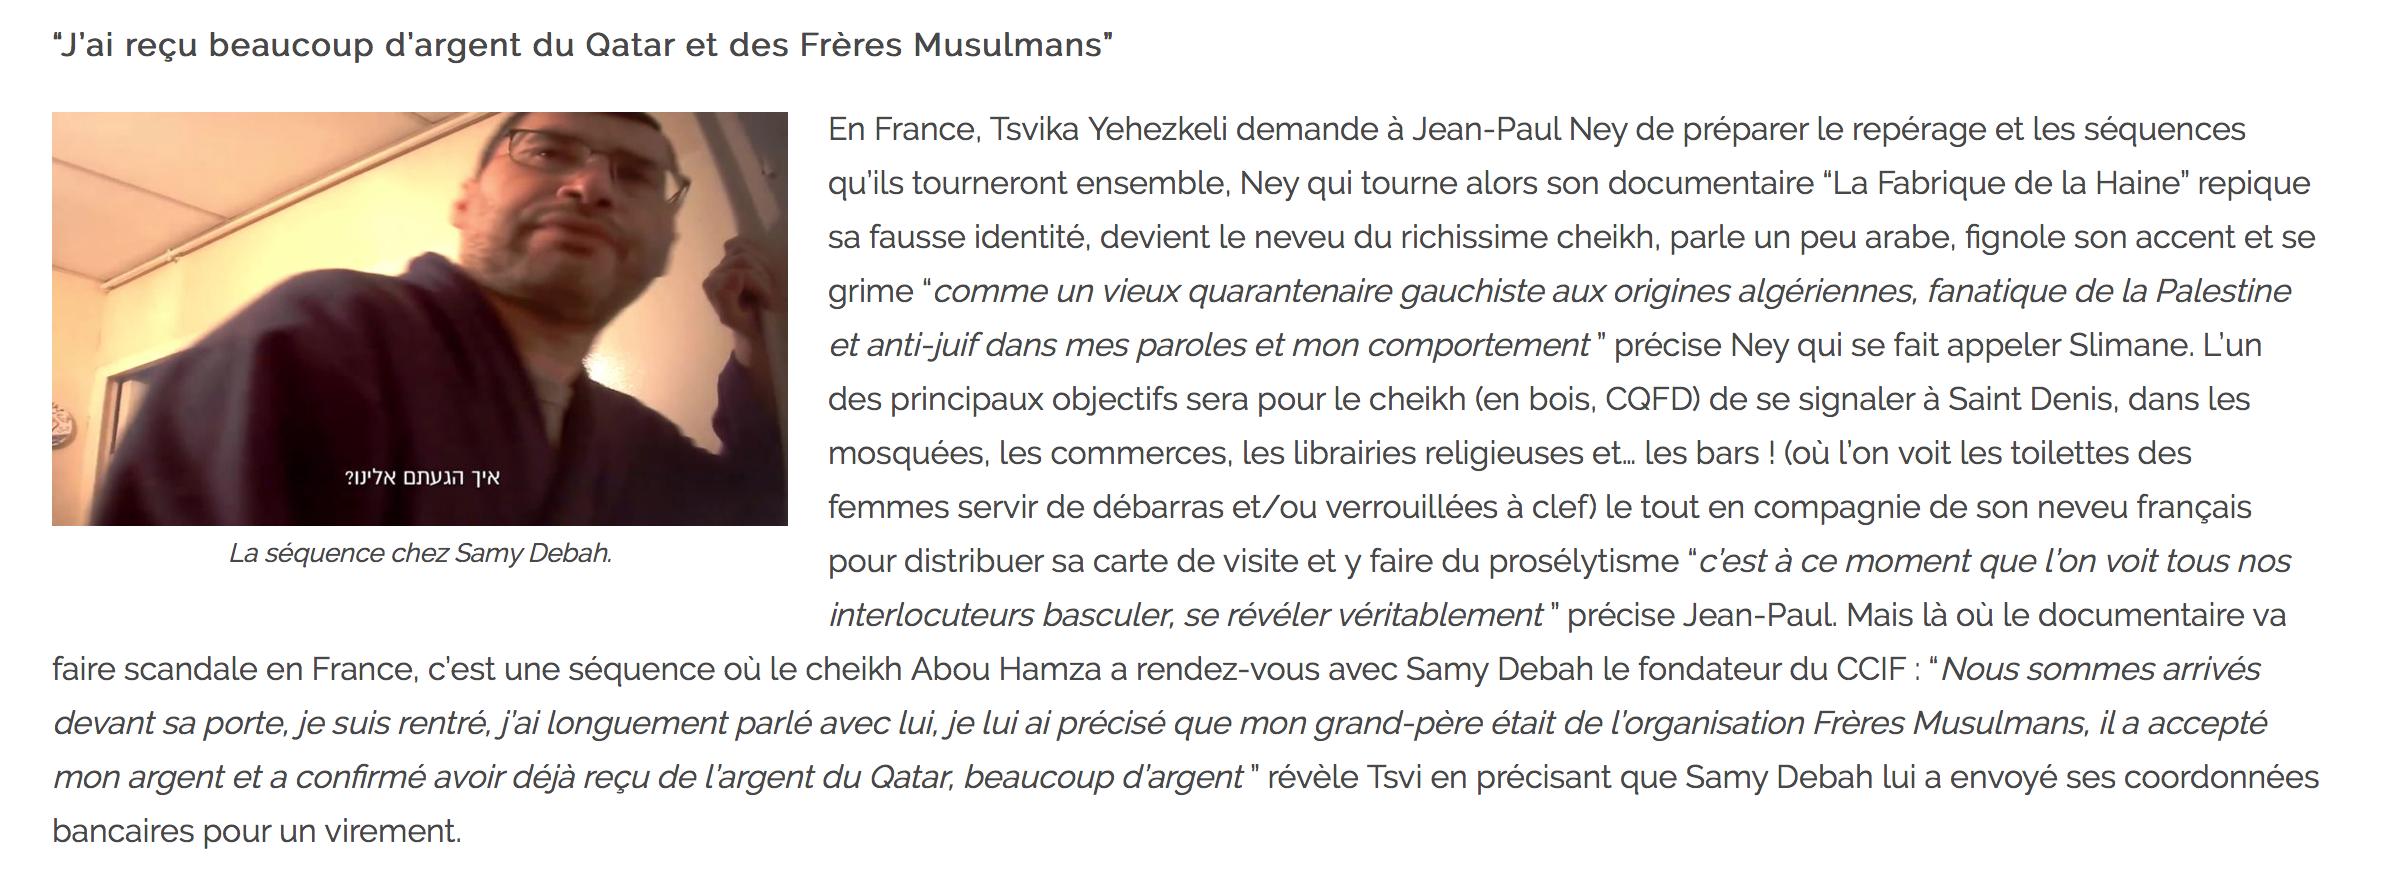 Samy Debah, fondateur du CCIF : j'ai reçu beaucoup d'argent du Qatar et des Frères musulmans